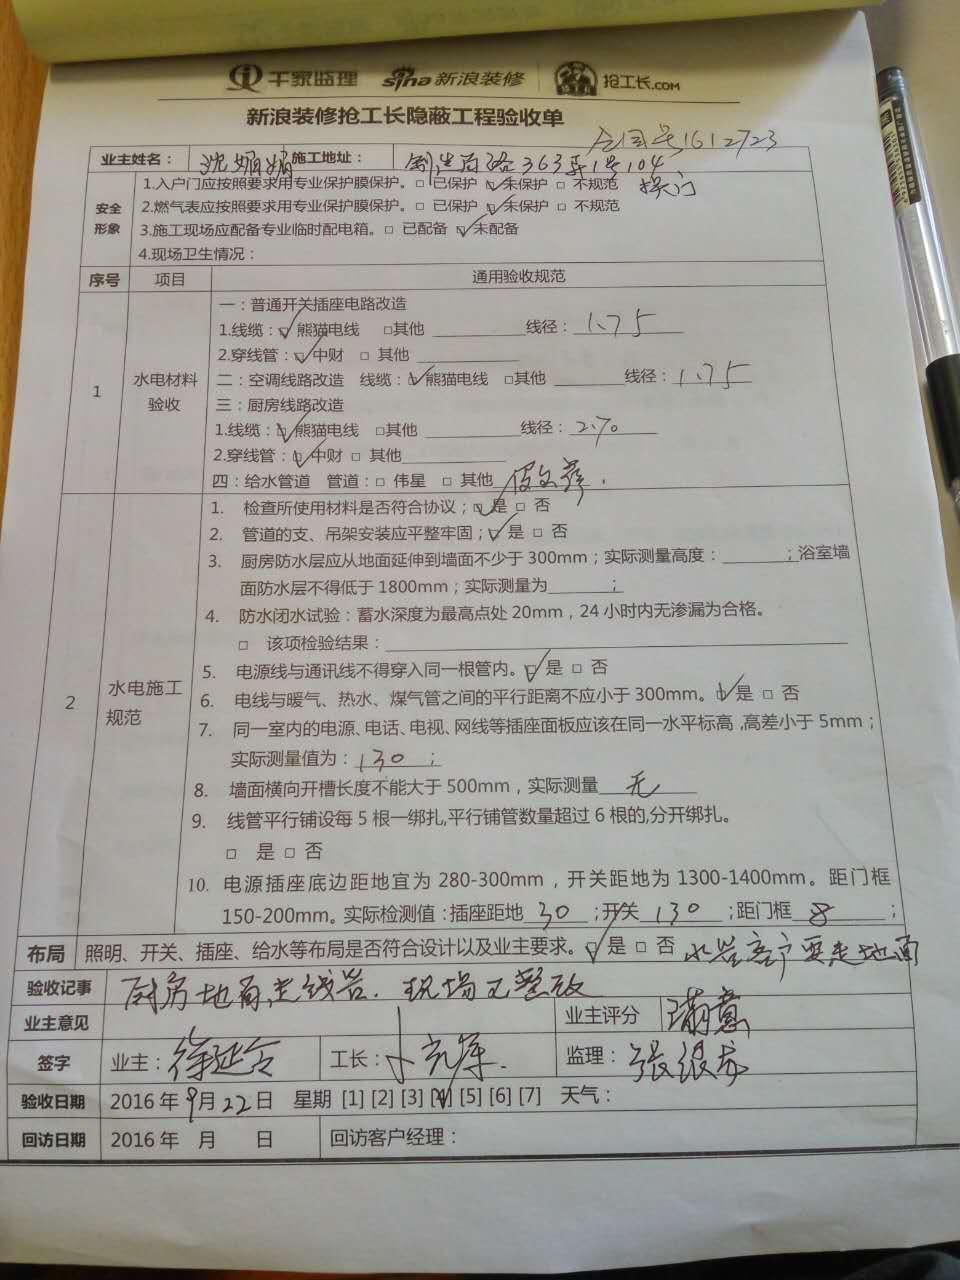 【监理报告】前期验收-水电验收的注意事项